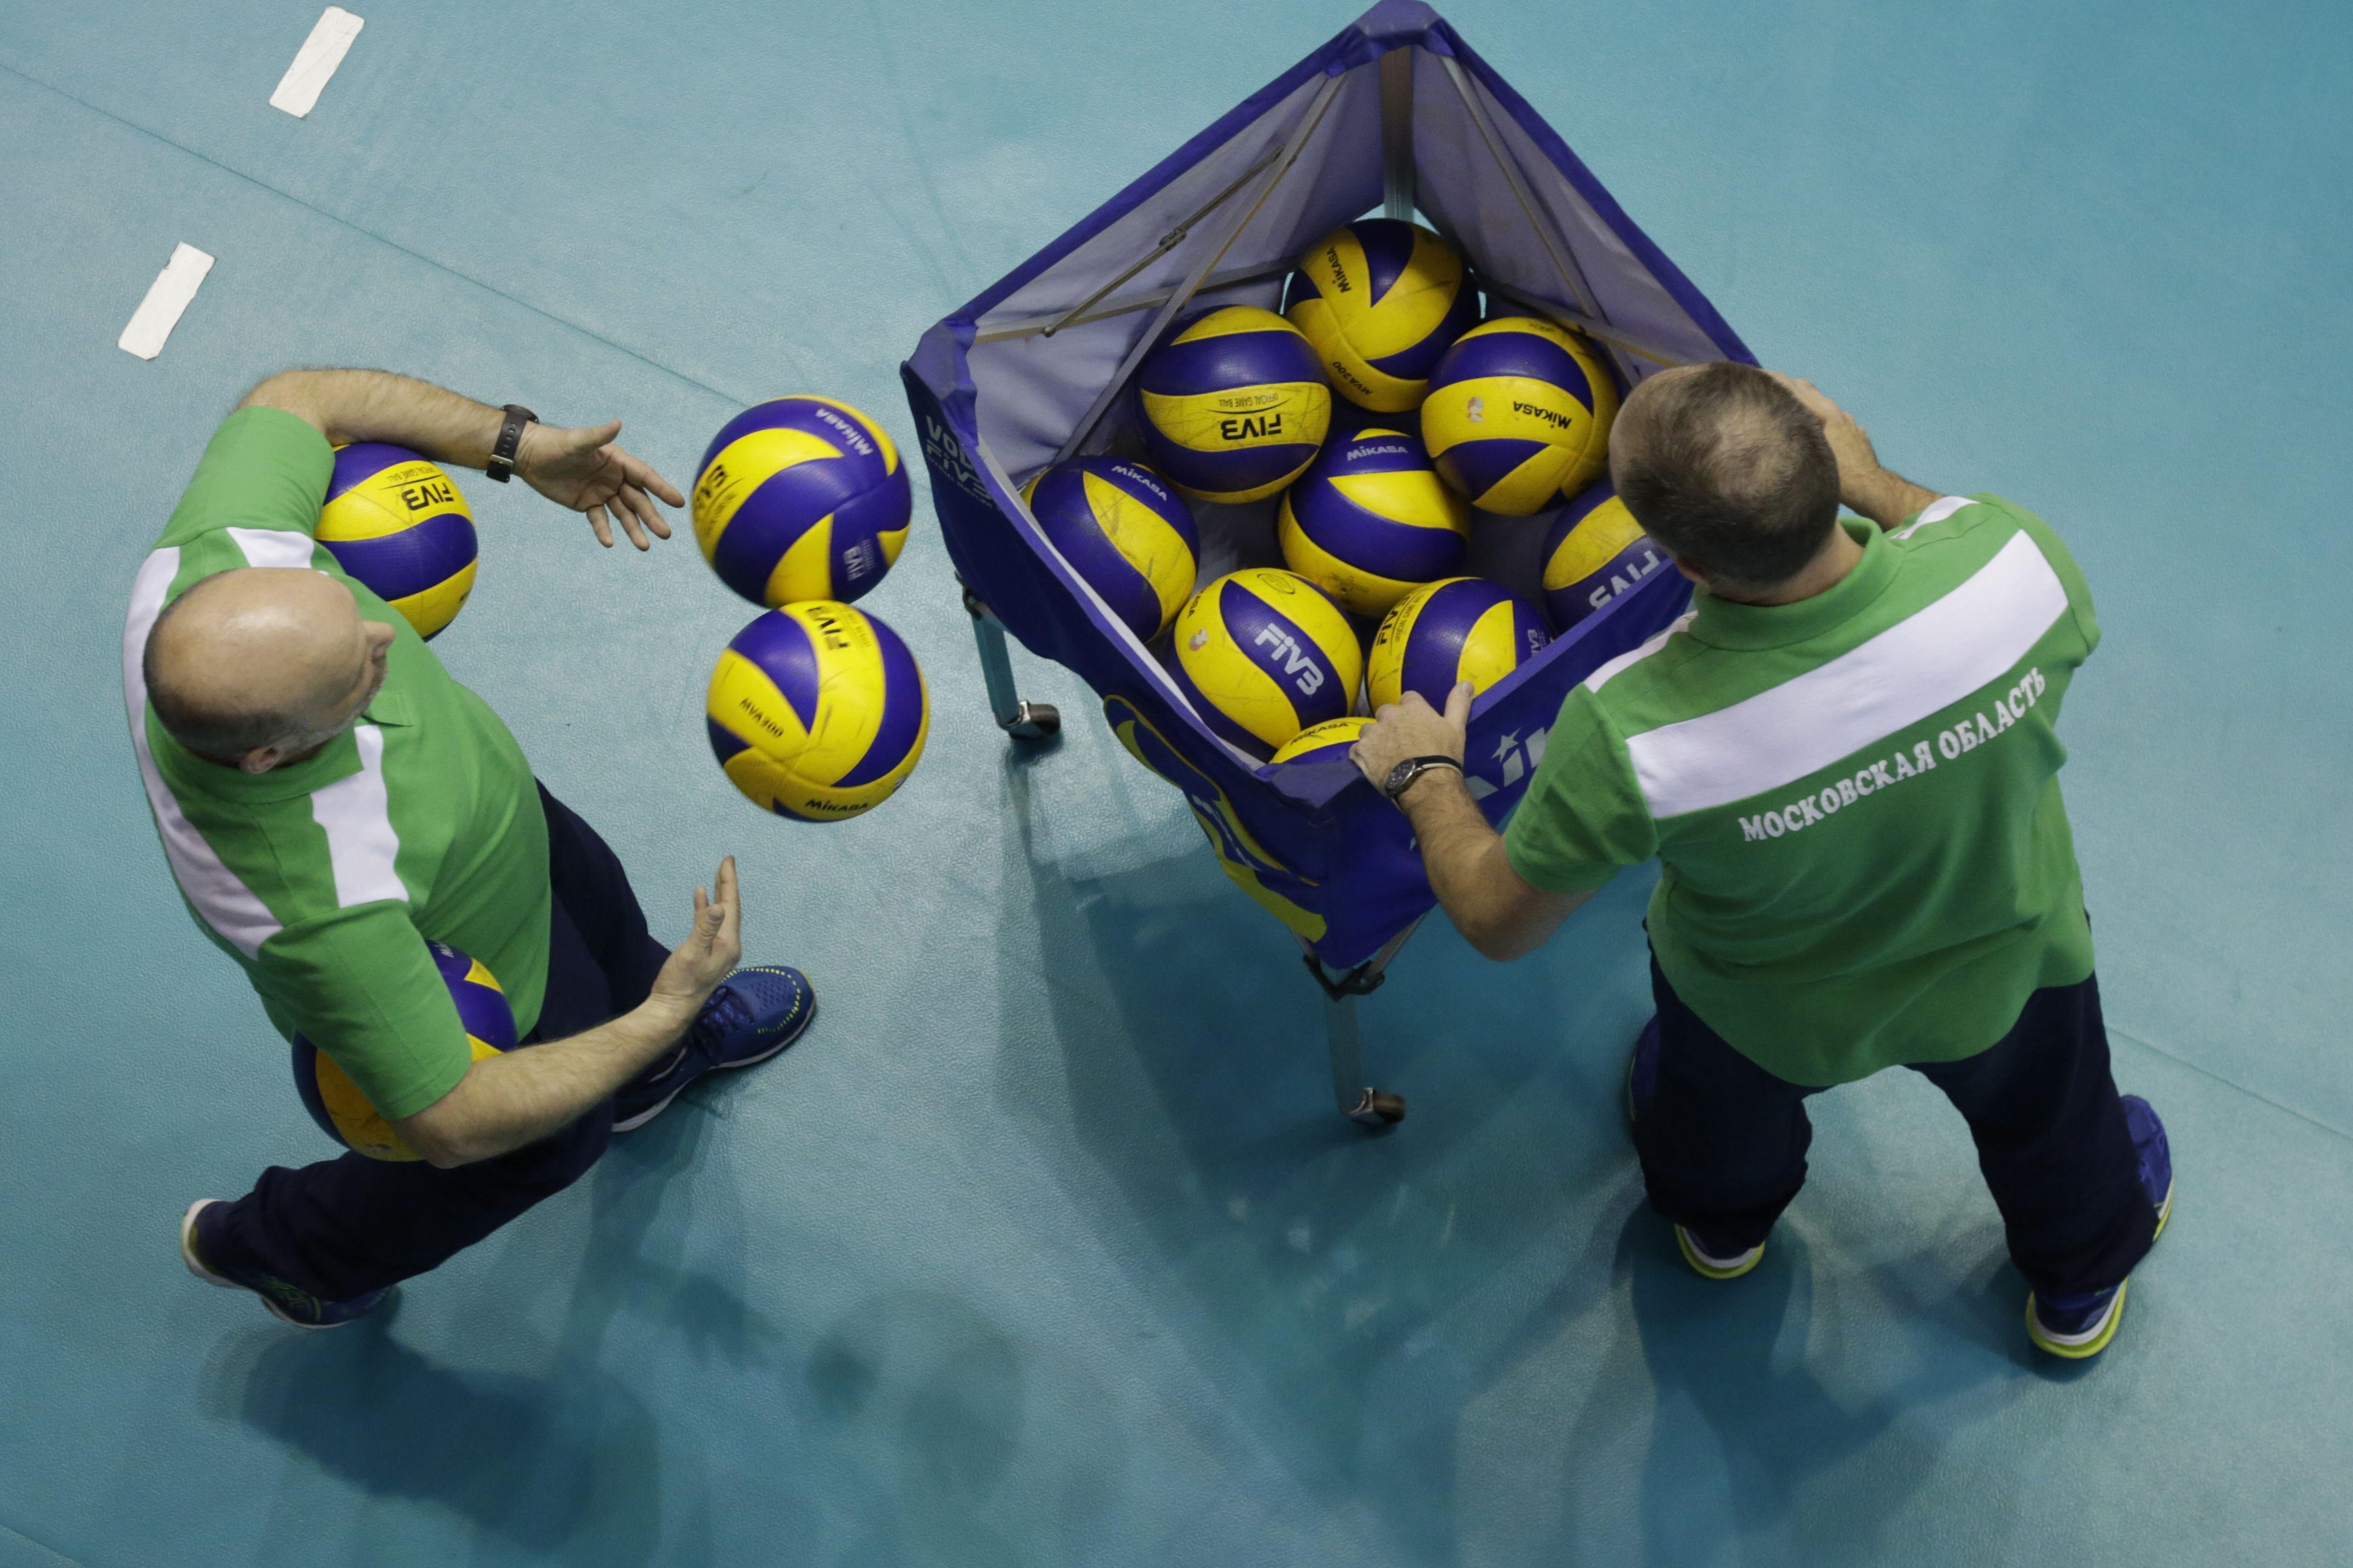 'Липецк' обыграл 'Заречье-Одинцово' в волейбольной Суперлиге